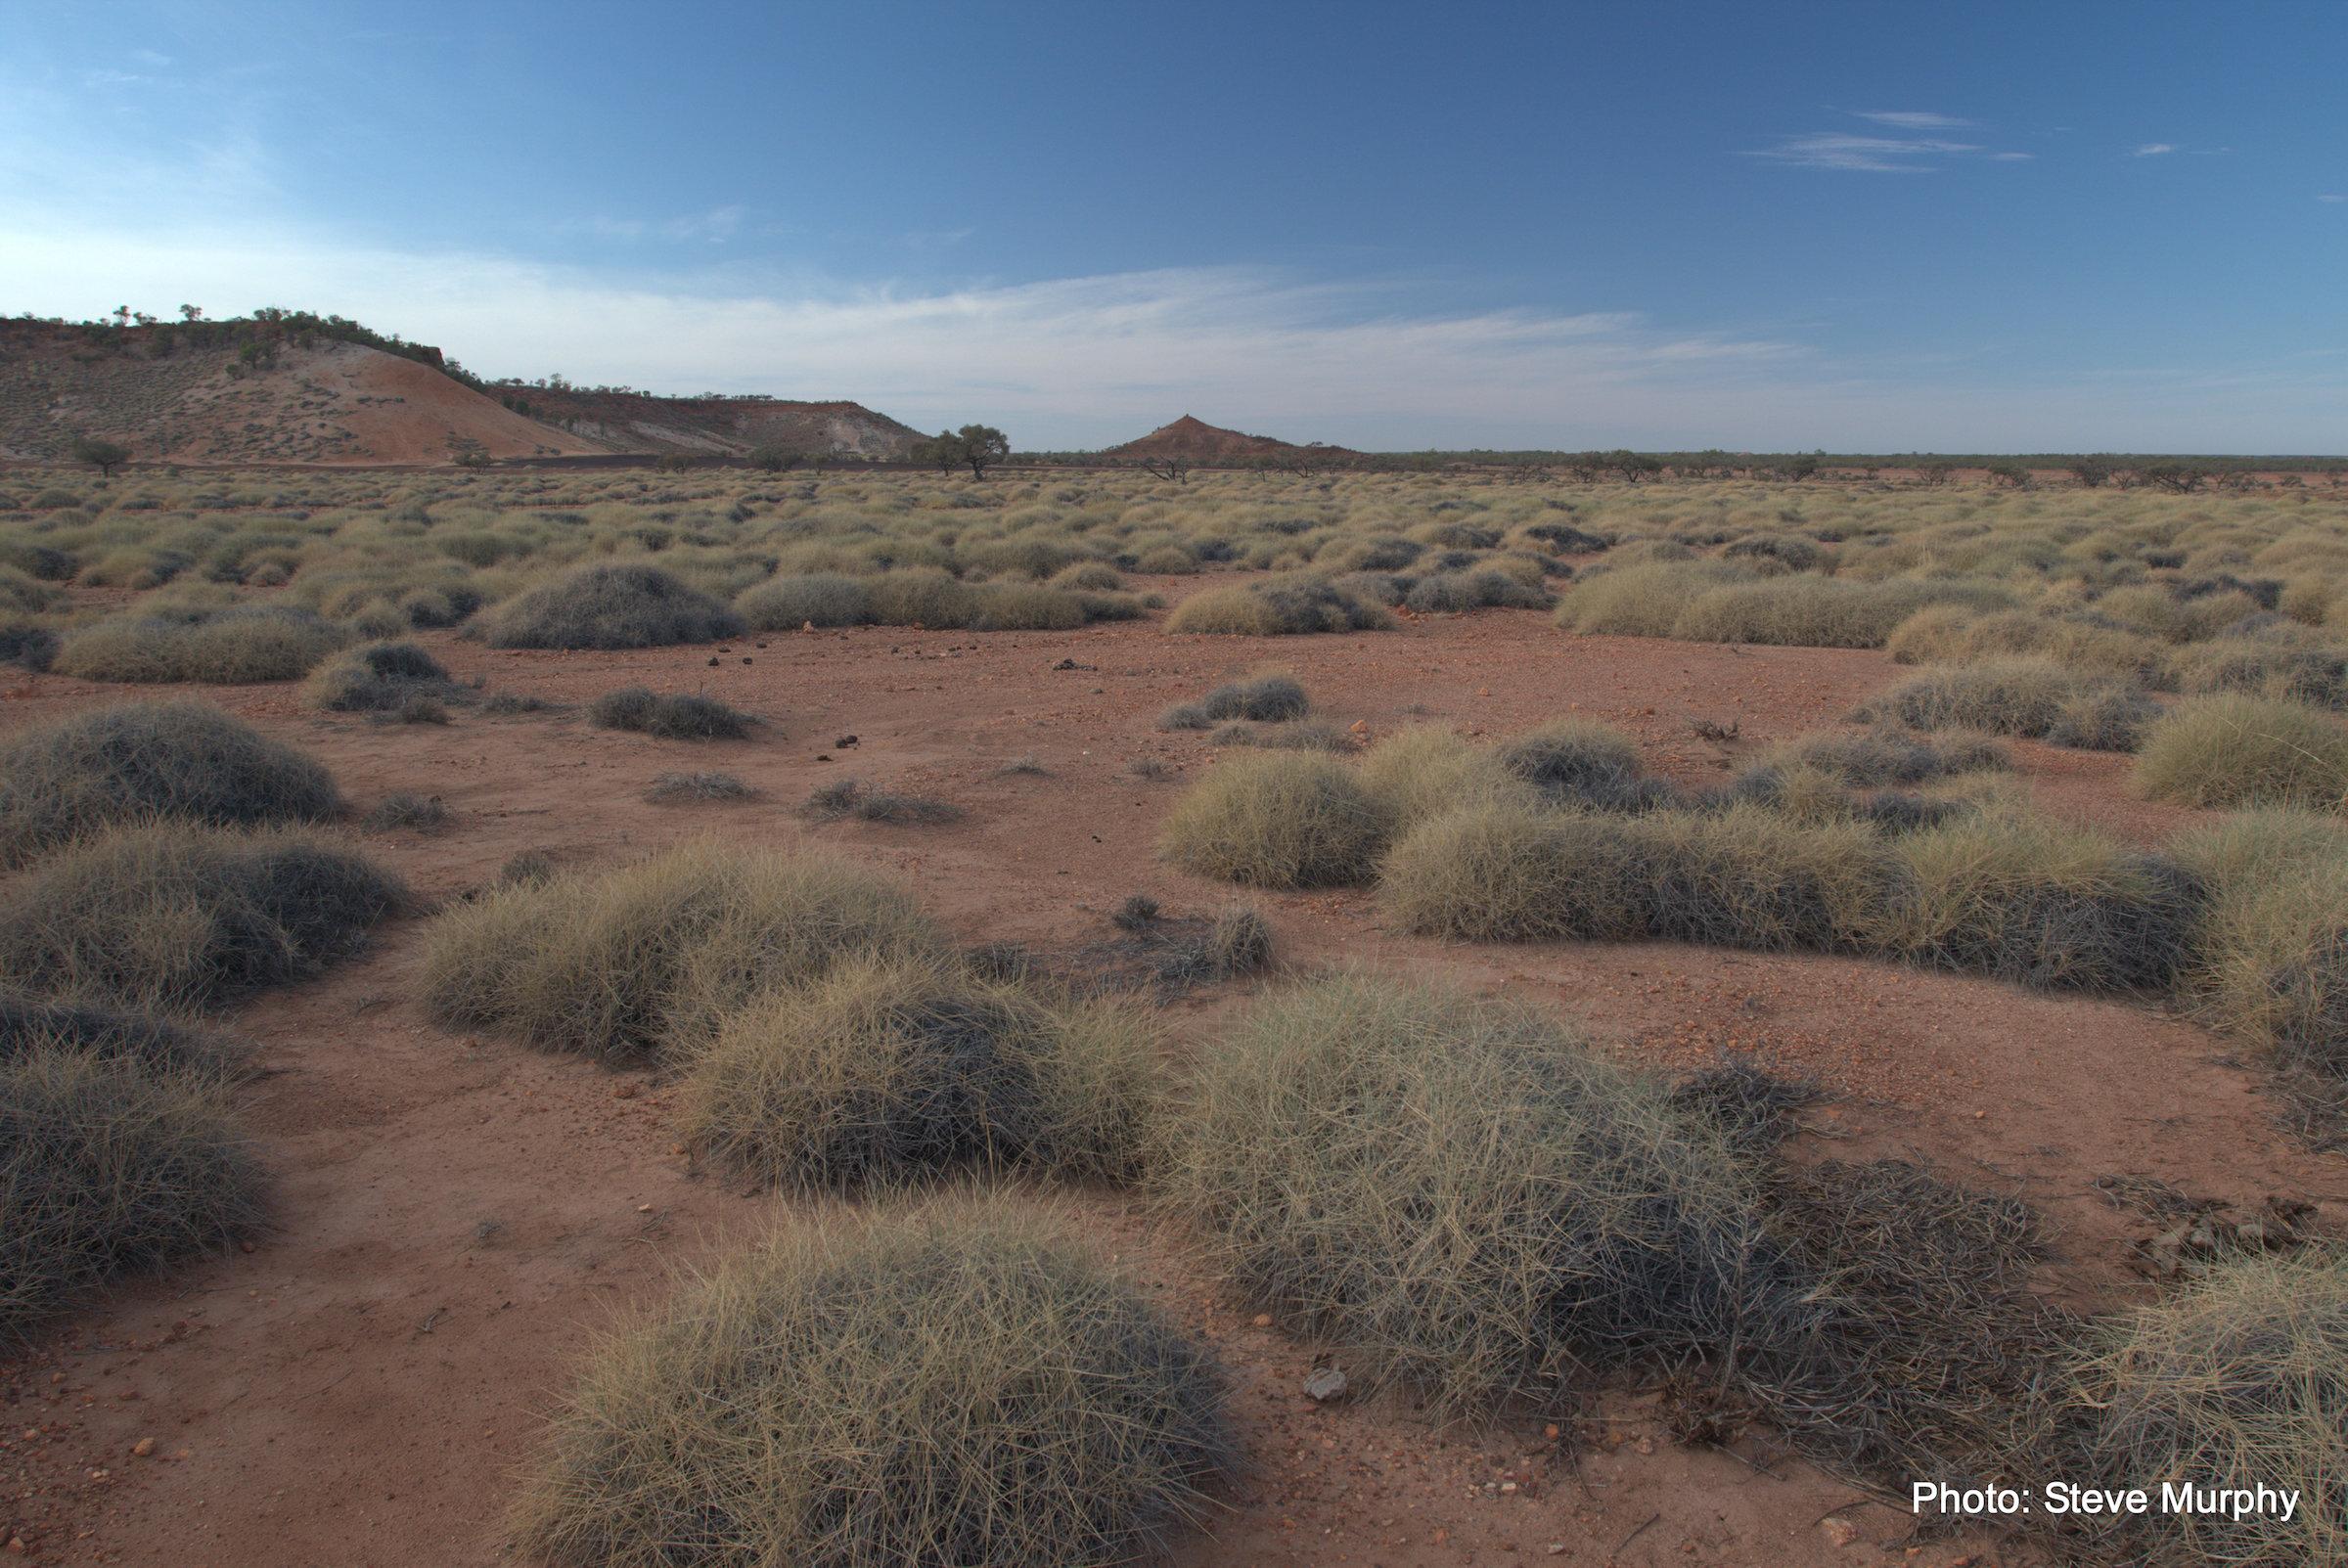 Triodia longiceps habitat